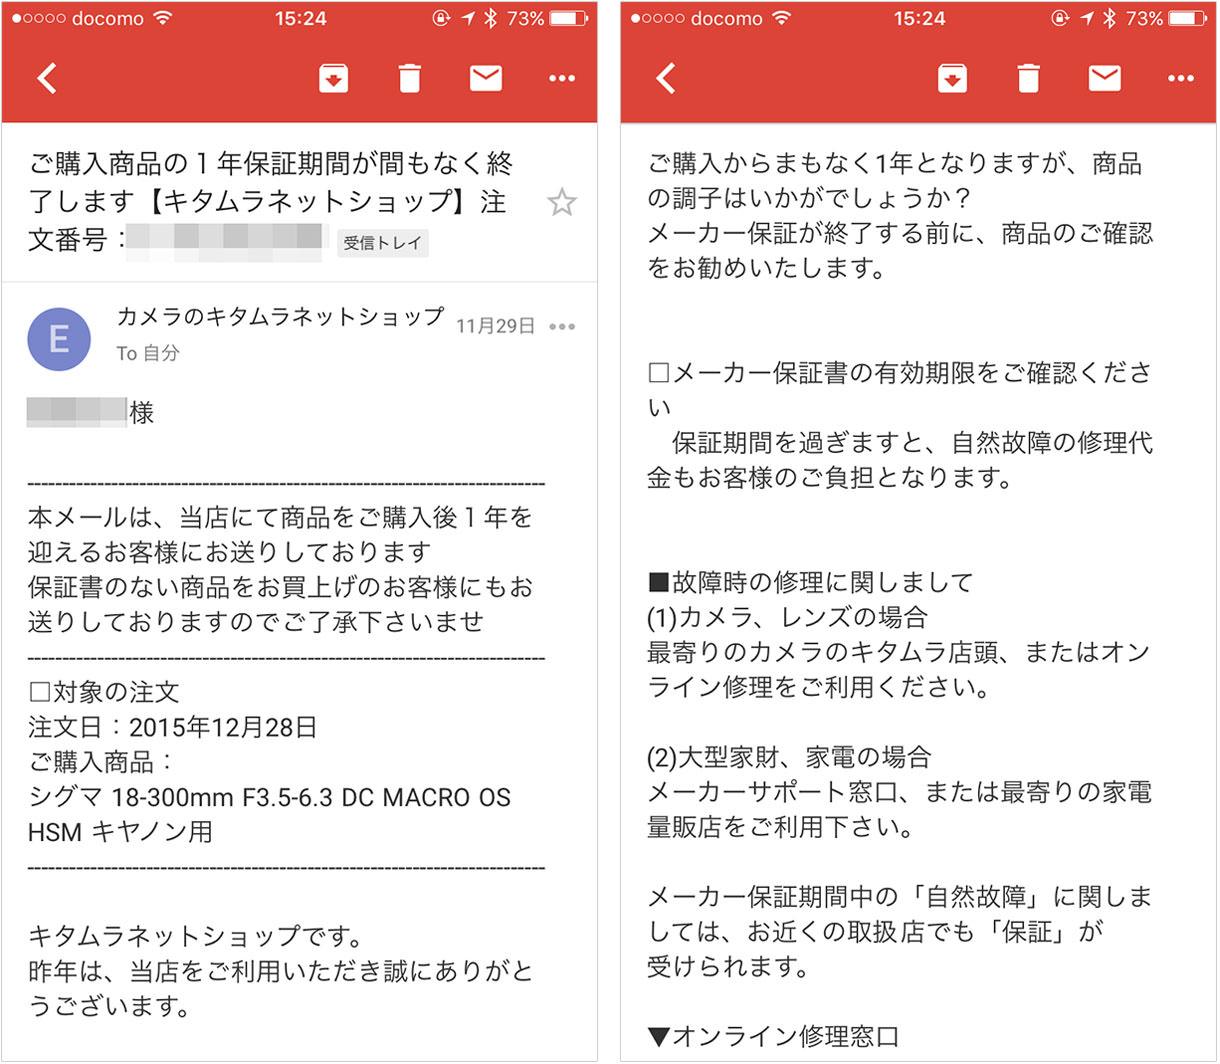 カメラのキタムラから受診した製品保証のリマインドメール